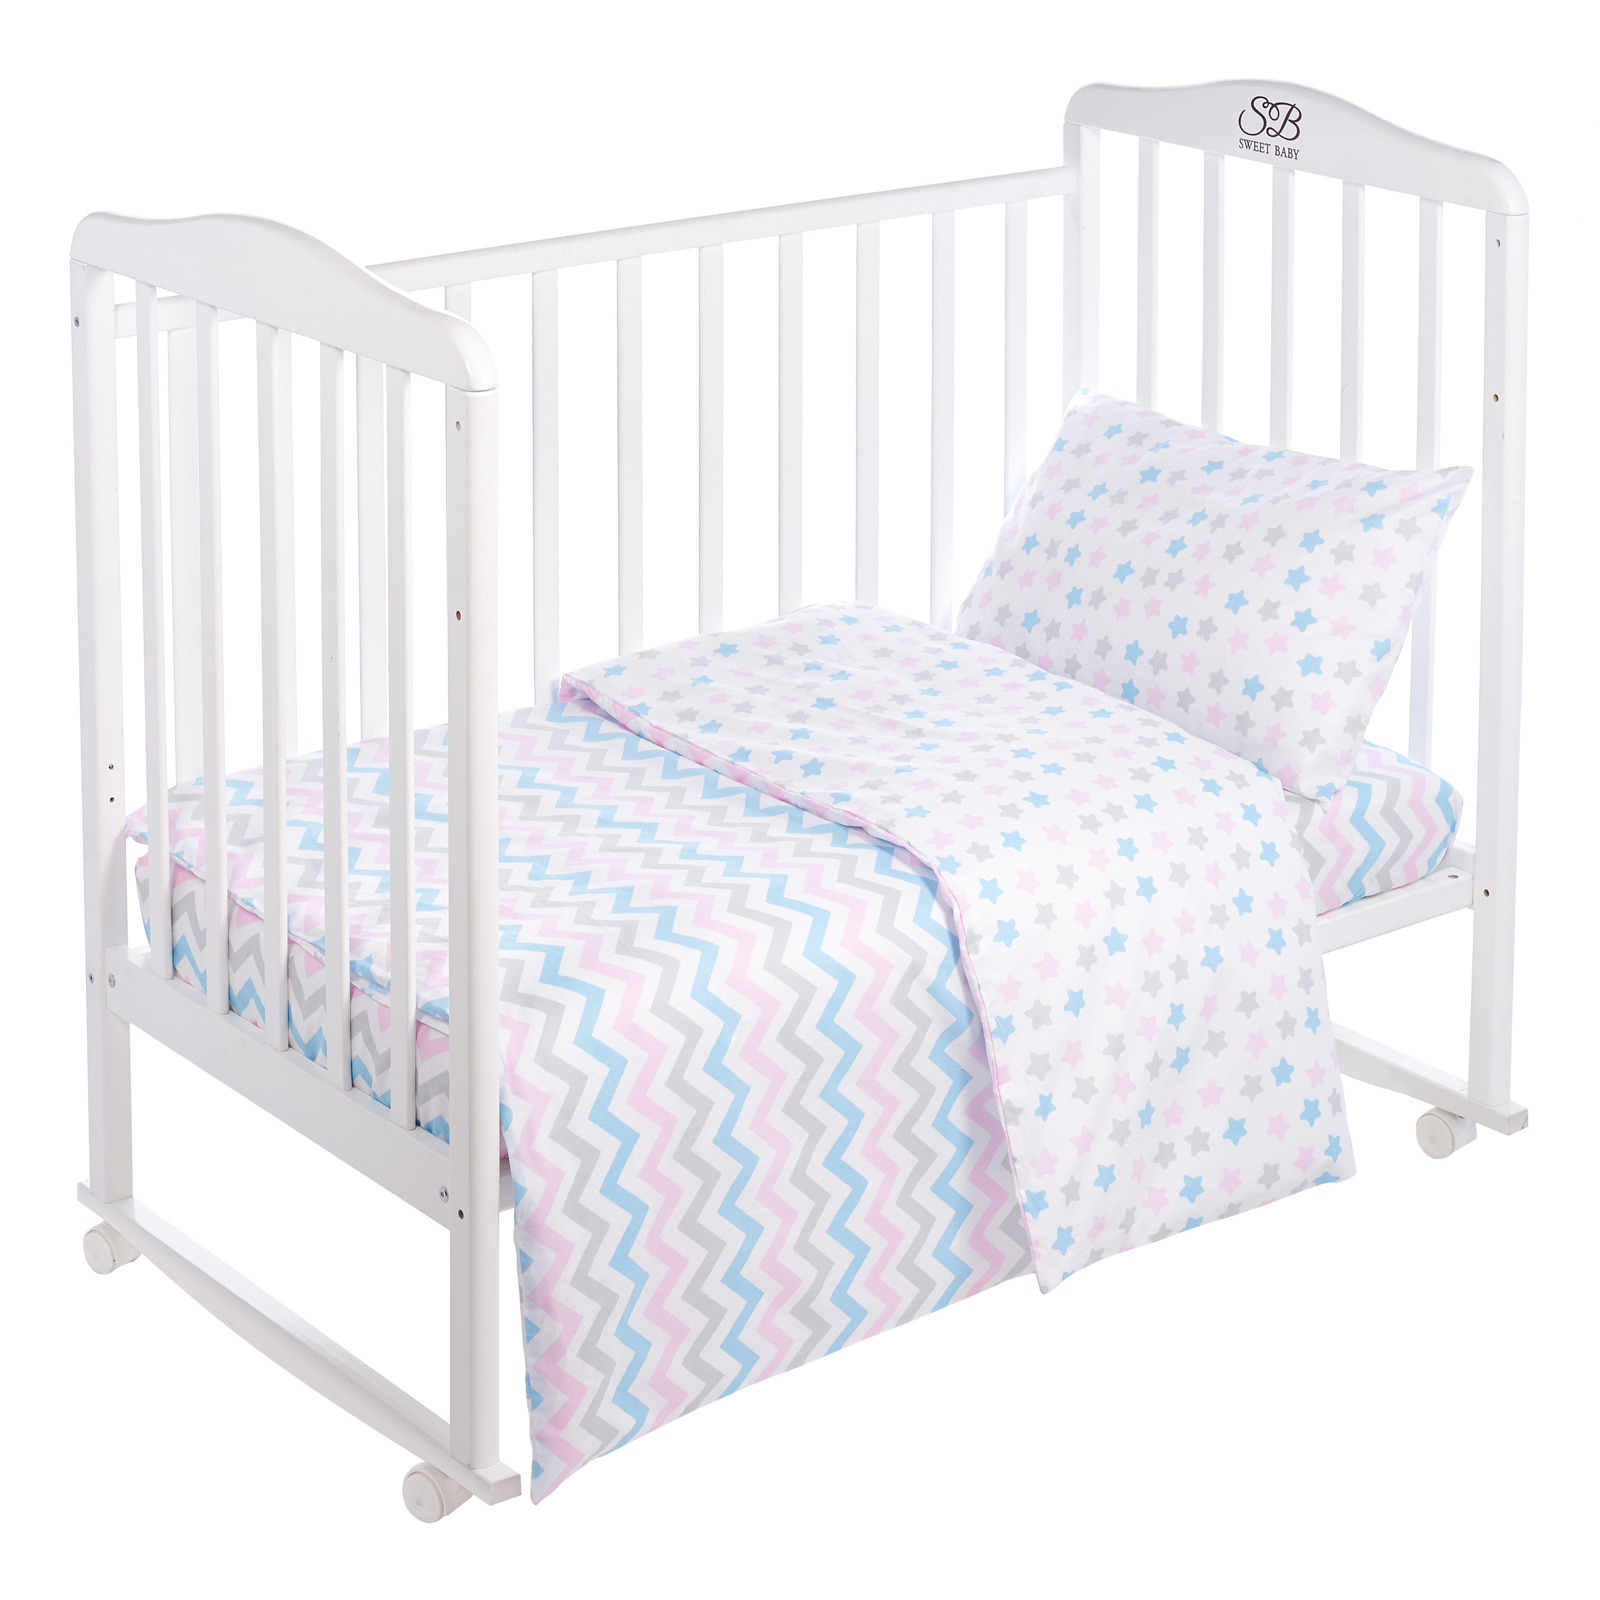 Комплект постельного белья Sweet Baby Colori, 419068, белый, 3 предмета авиабилеты в ташкент